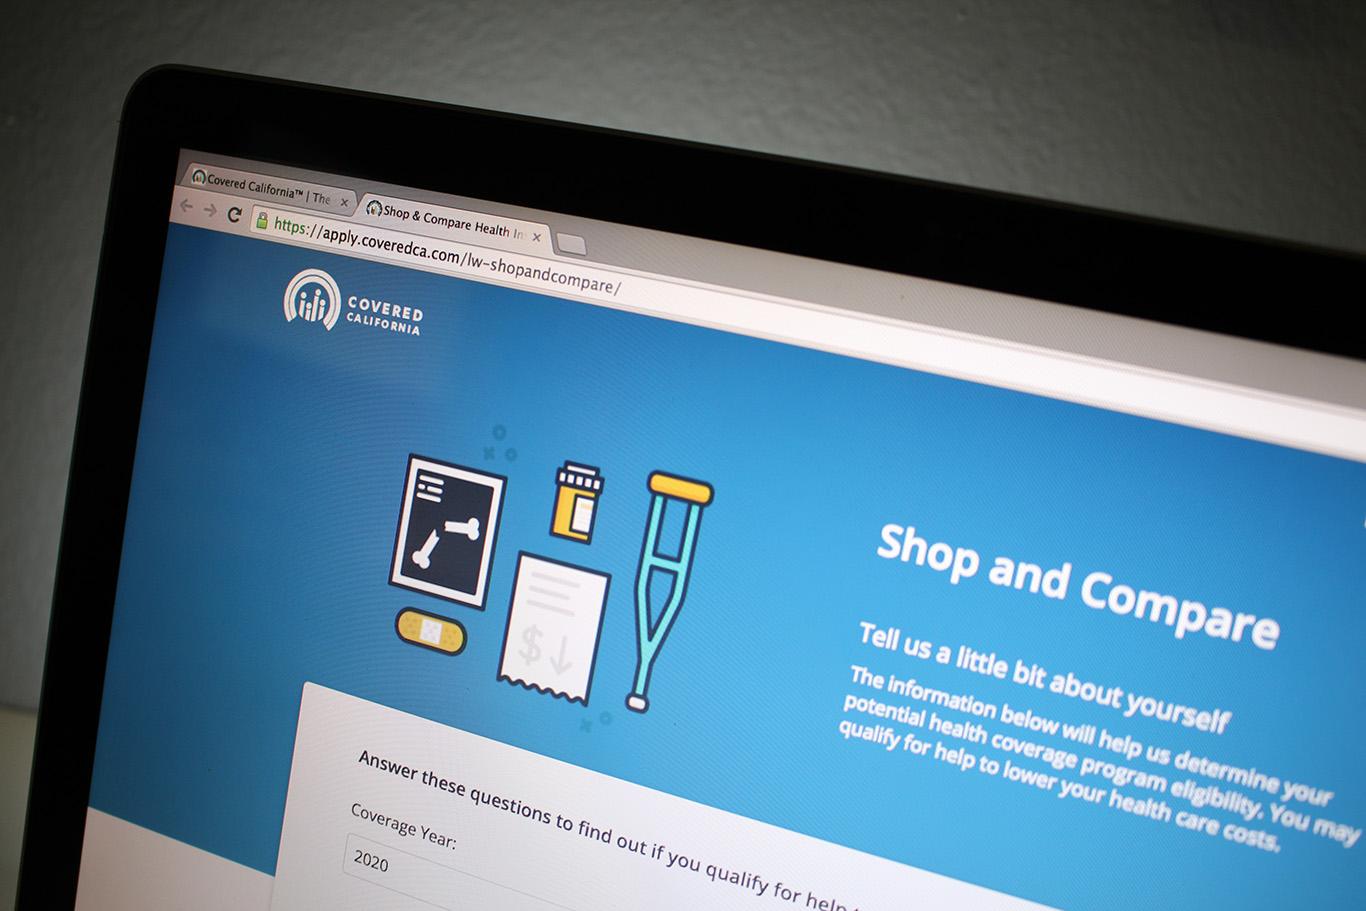 Ferramenta no site Covered California calcula preços personalizados (Foto: Gabriela Egito)